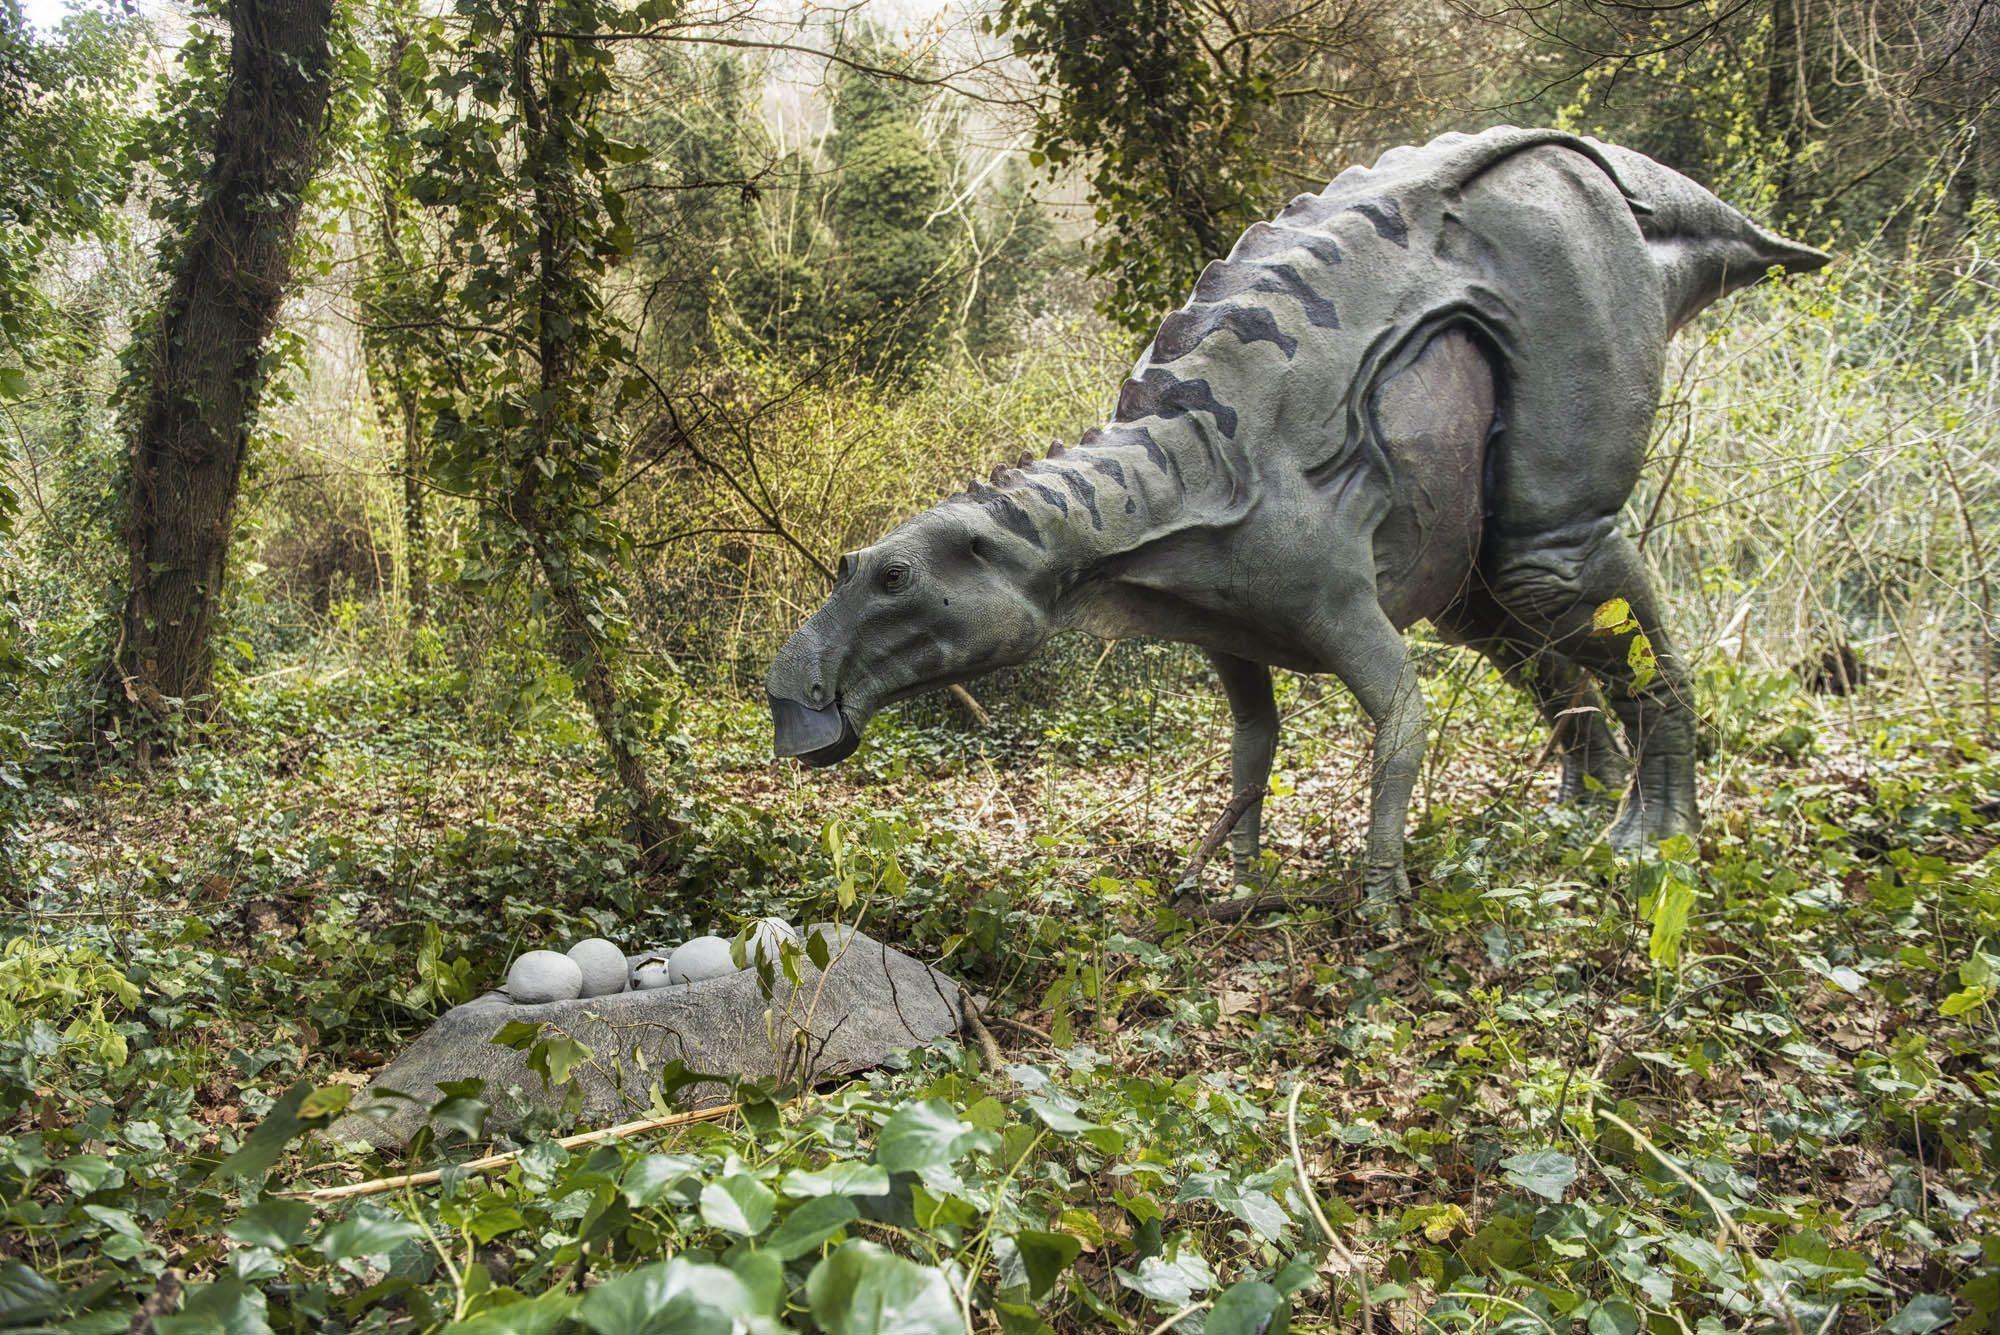 Jurassic Park a Napoli dinosauri in mostra alla riserva Wwf degli Astroni